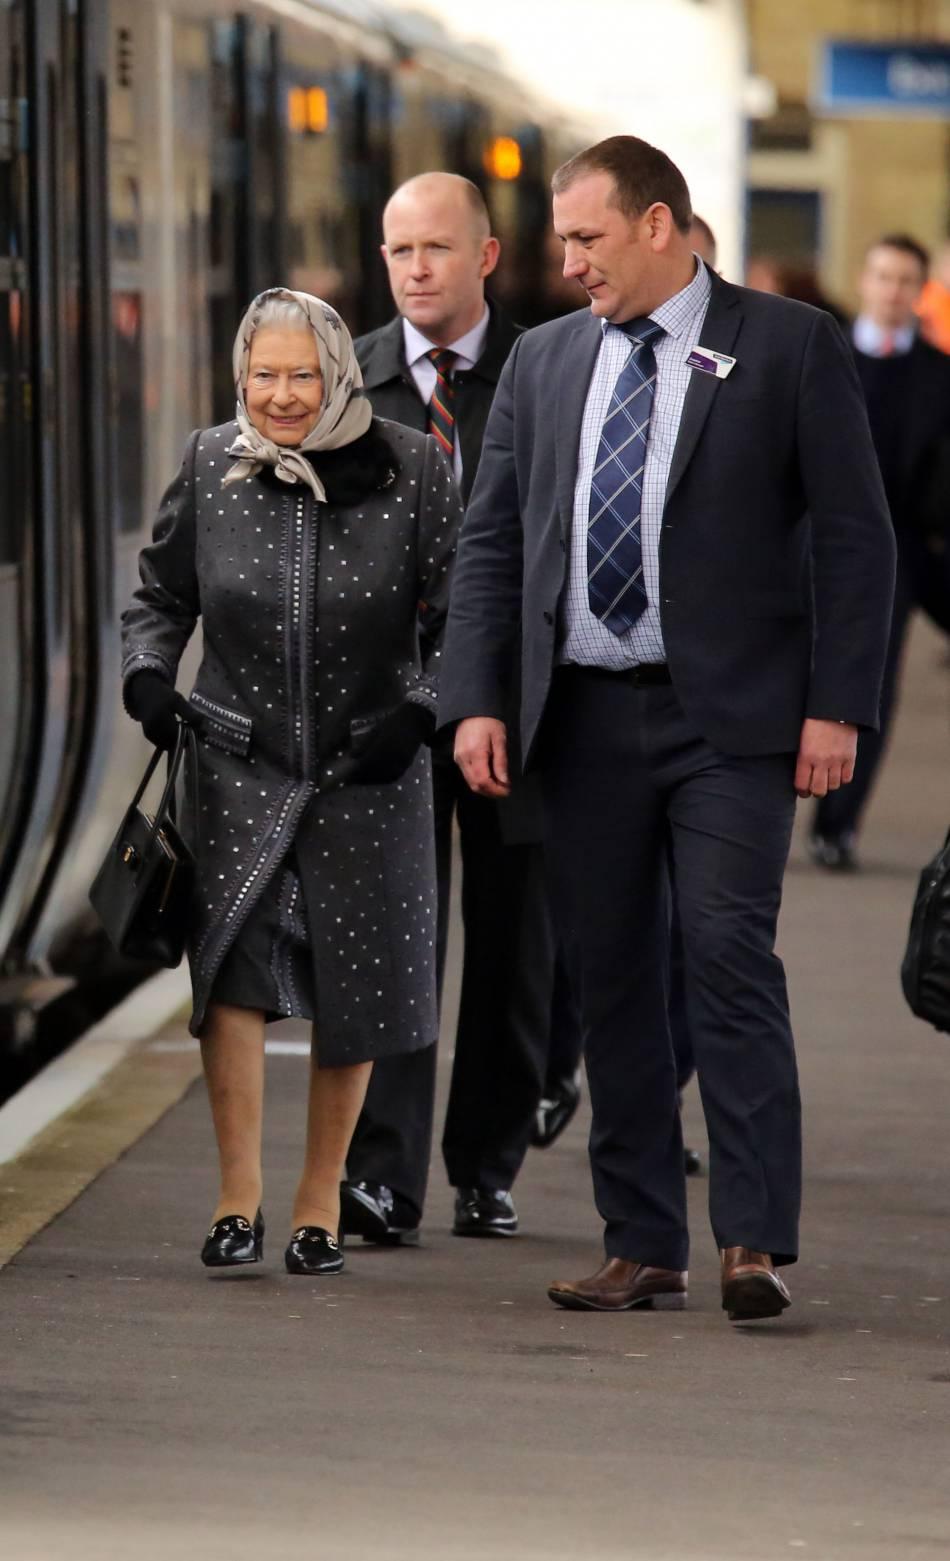 Le lendemain, c'est en train que la reine a rejoint la capitale. Par souci d'économie ou parce qu'elle a le mal de l'air ?